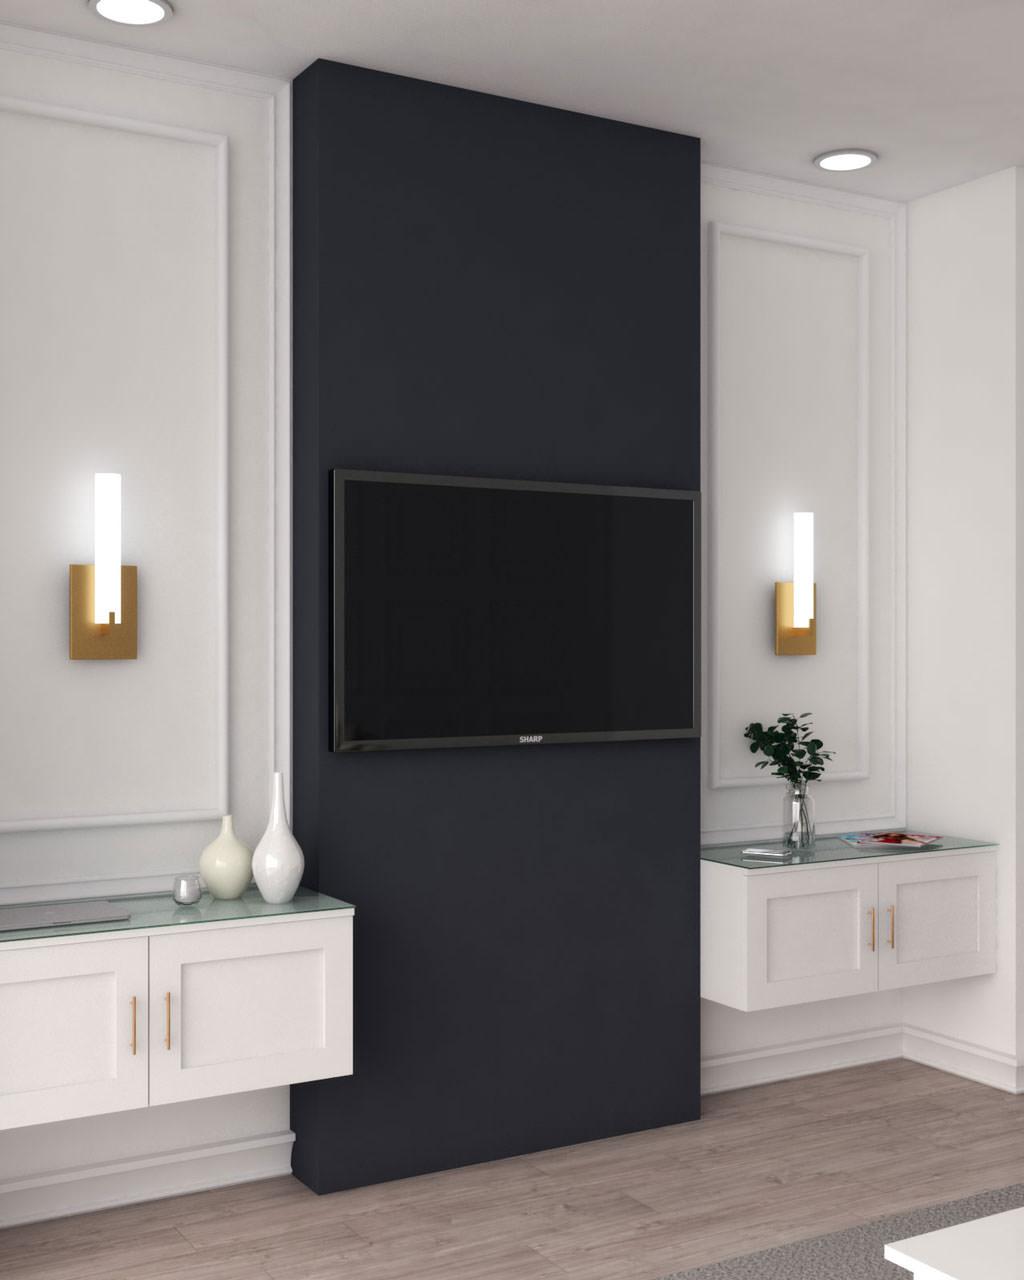 نقاشی دیوار پشت تلویزیون به رنگ مشکی زغالی به طرح عمودی